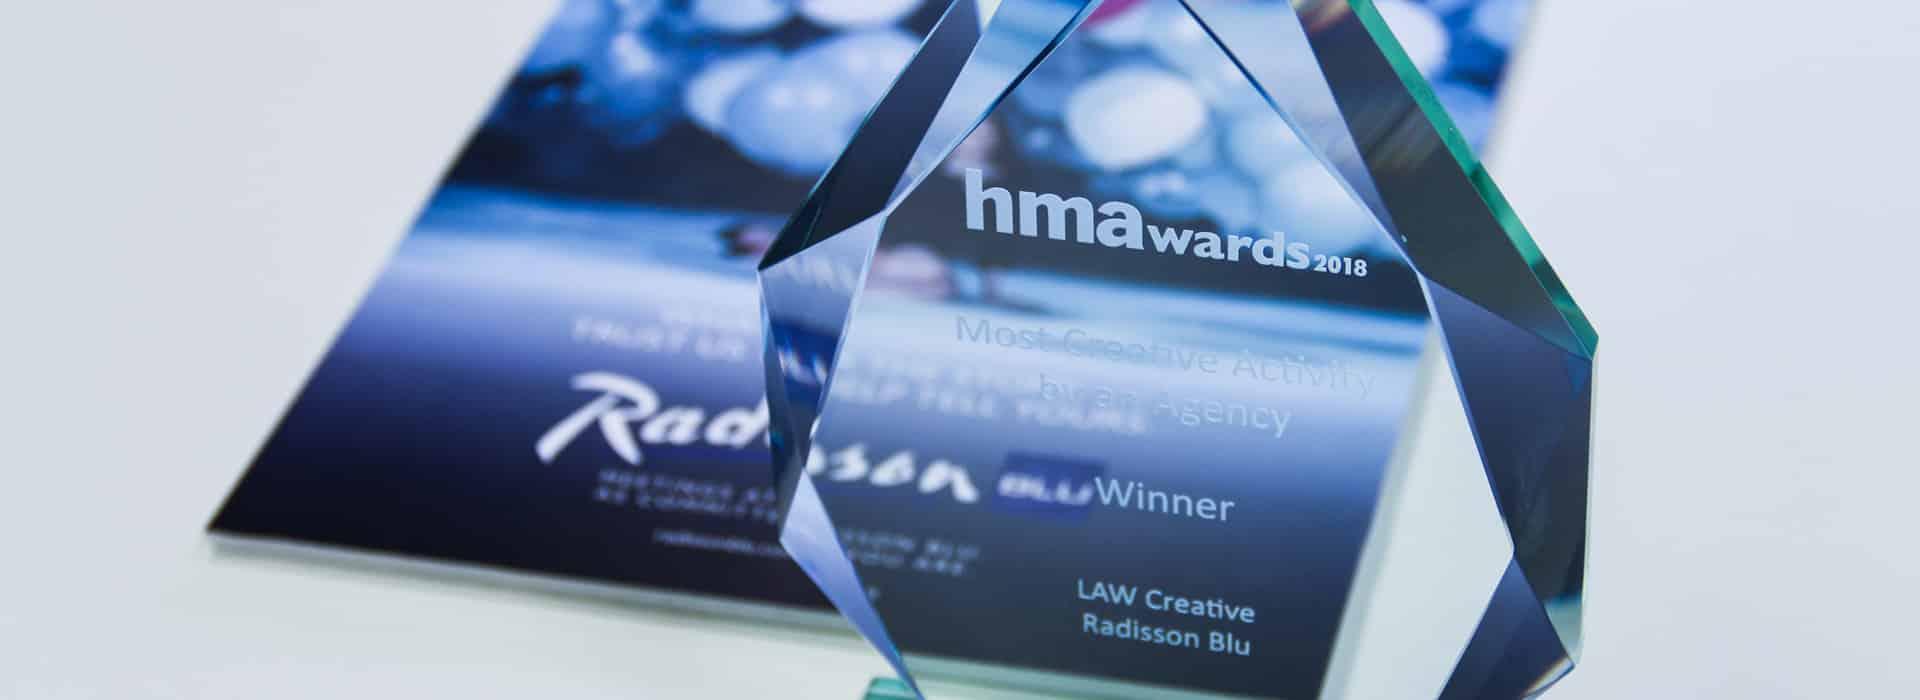 HMA Most Creative Win For LAW